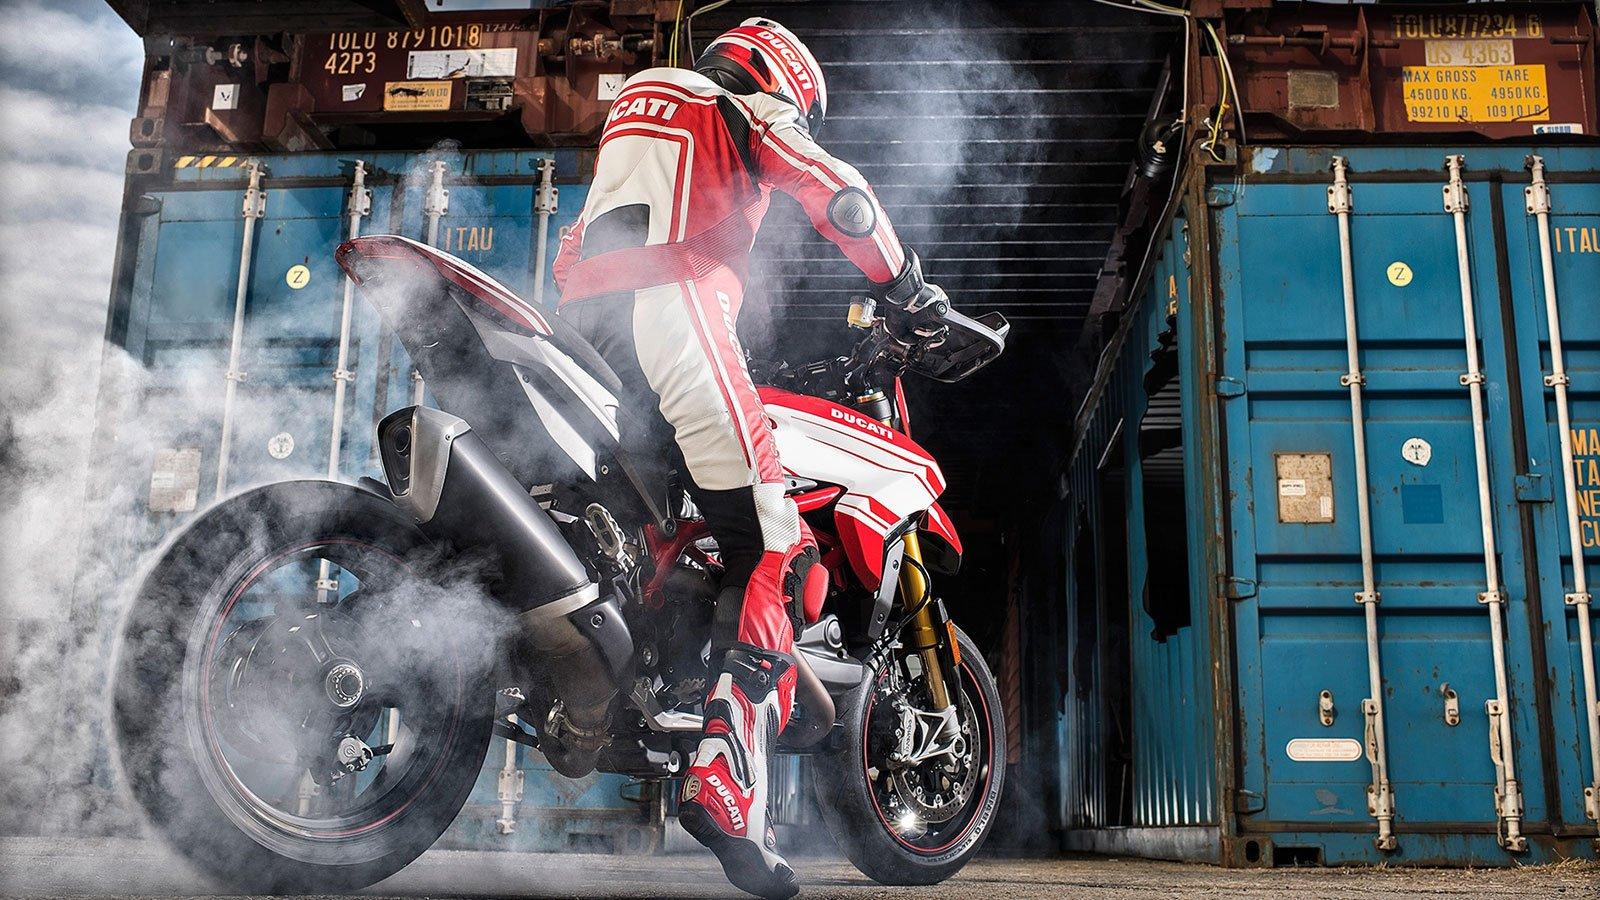 un motociclista con completo bianco e rosso Ducati mentre sta derapando con la moto e vista del fumo e davanti di alcuni container di metallo